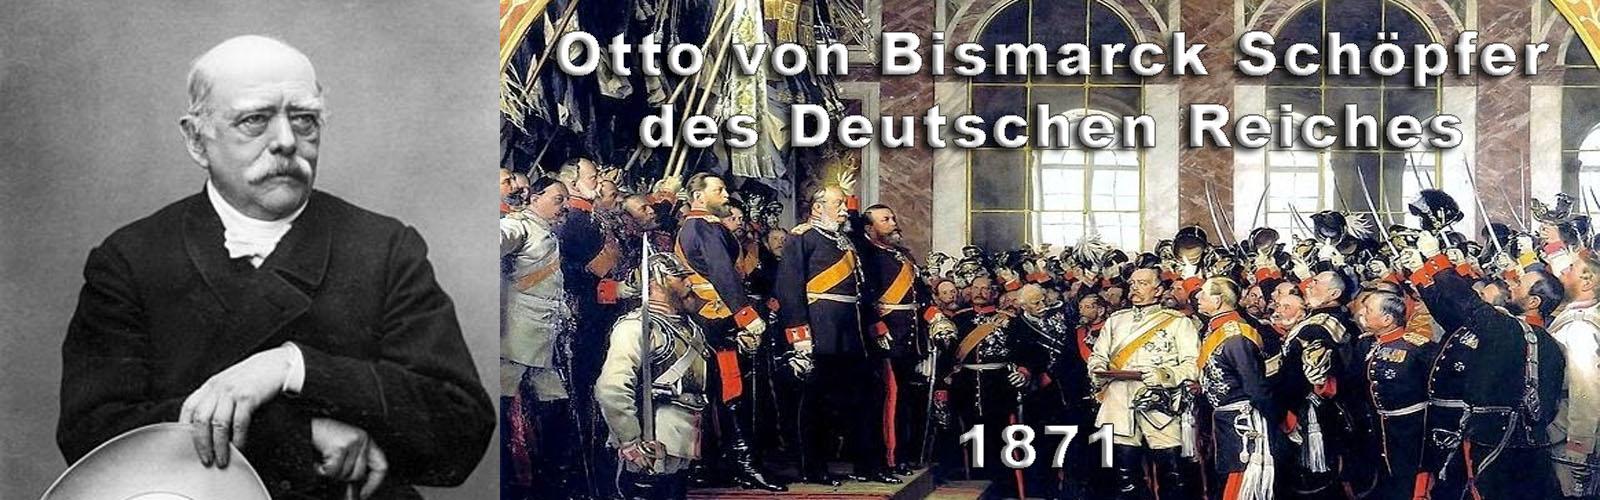 Deutsche Einheit unter Preußens Hegemonie – Preußen geht fortan in Deutschland auf